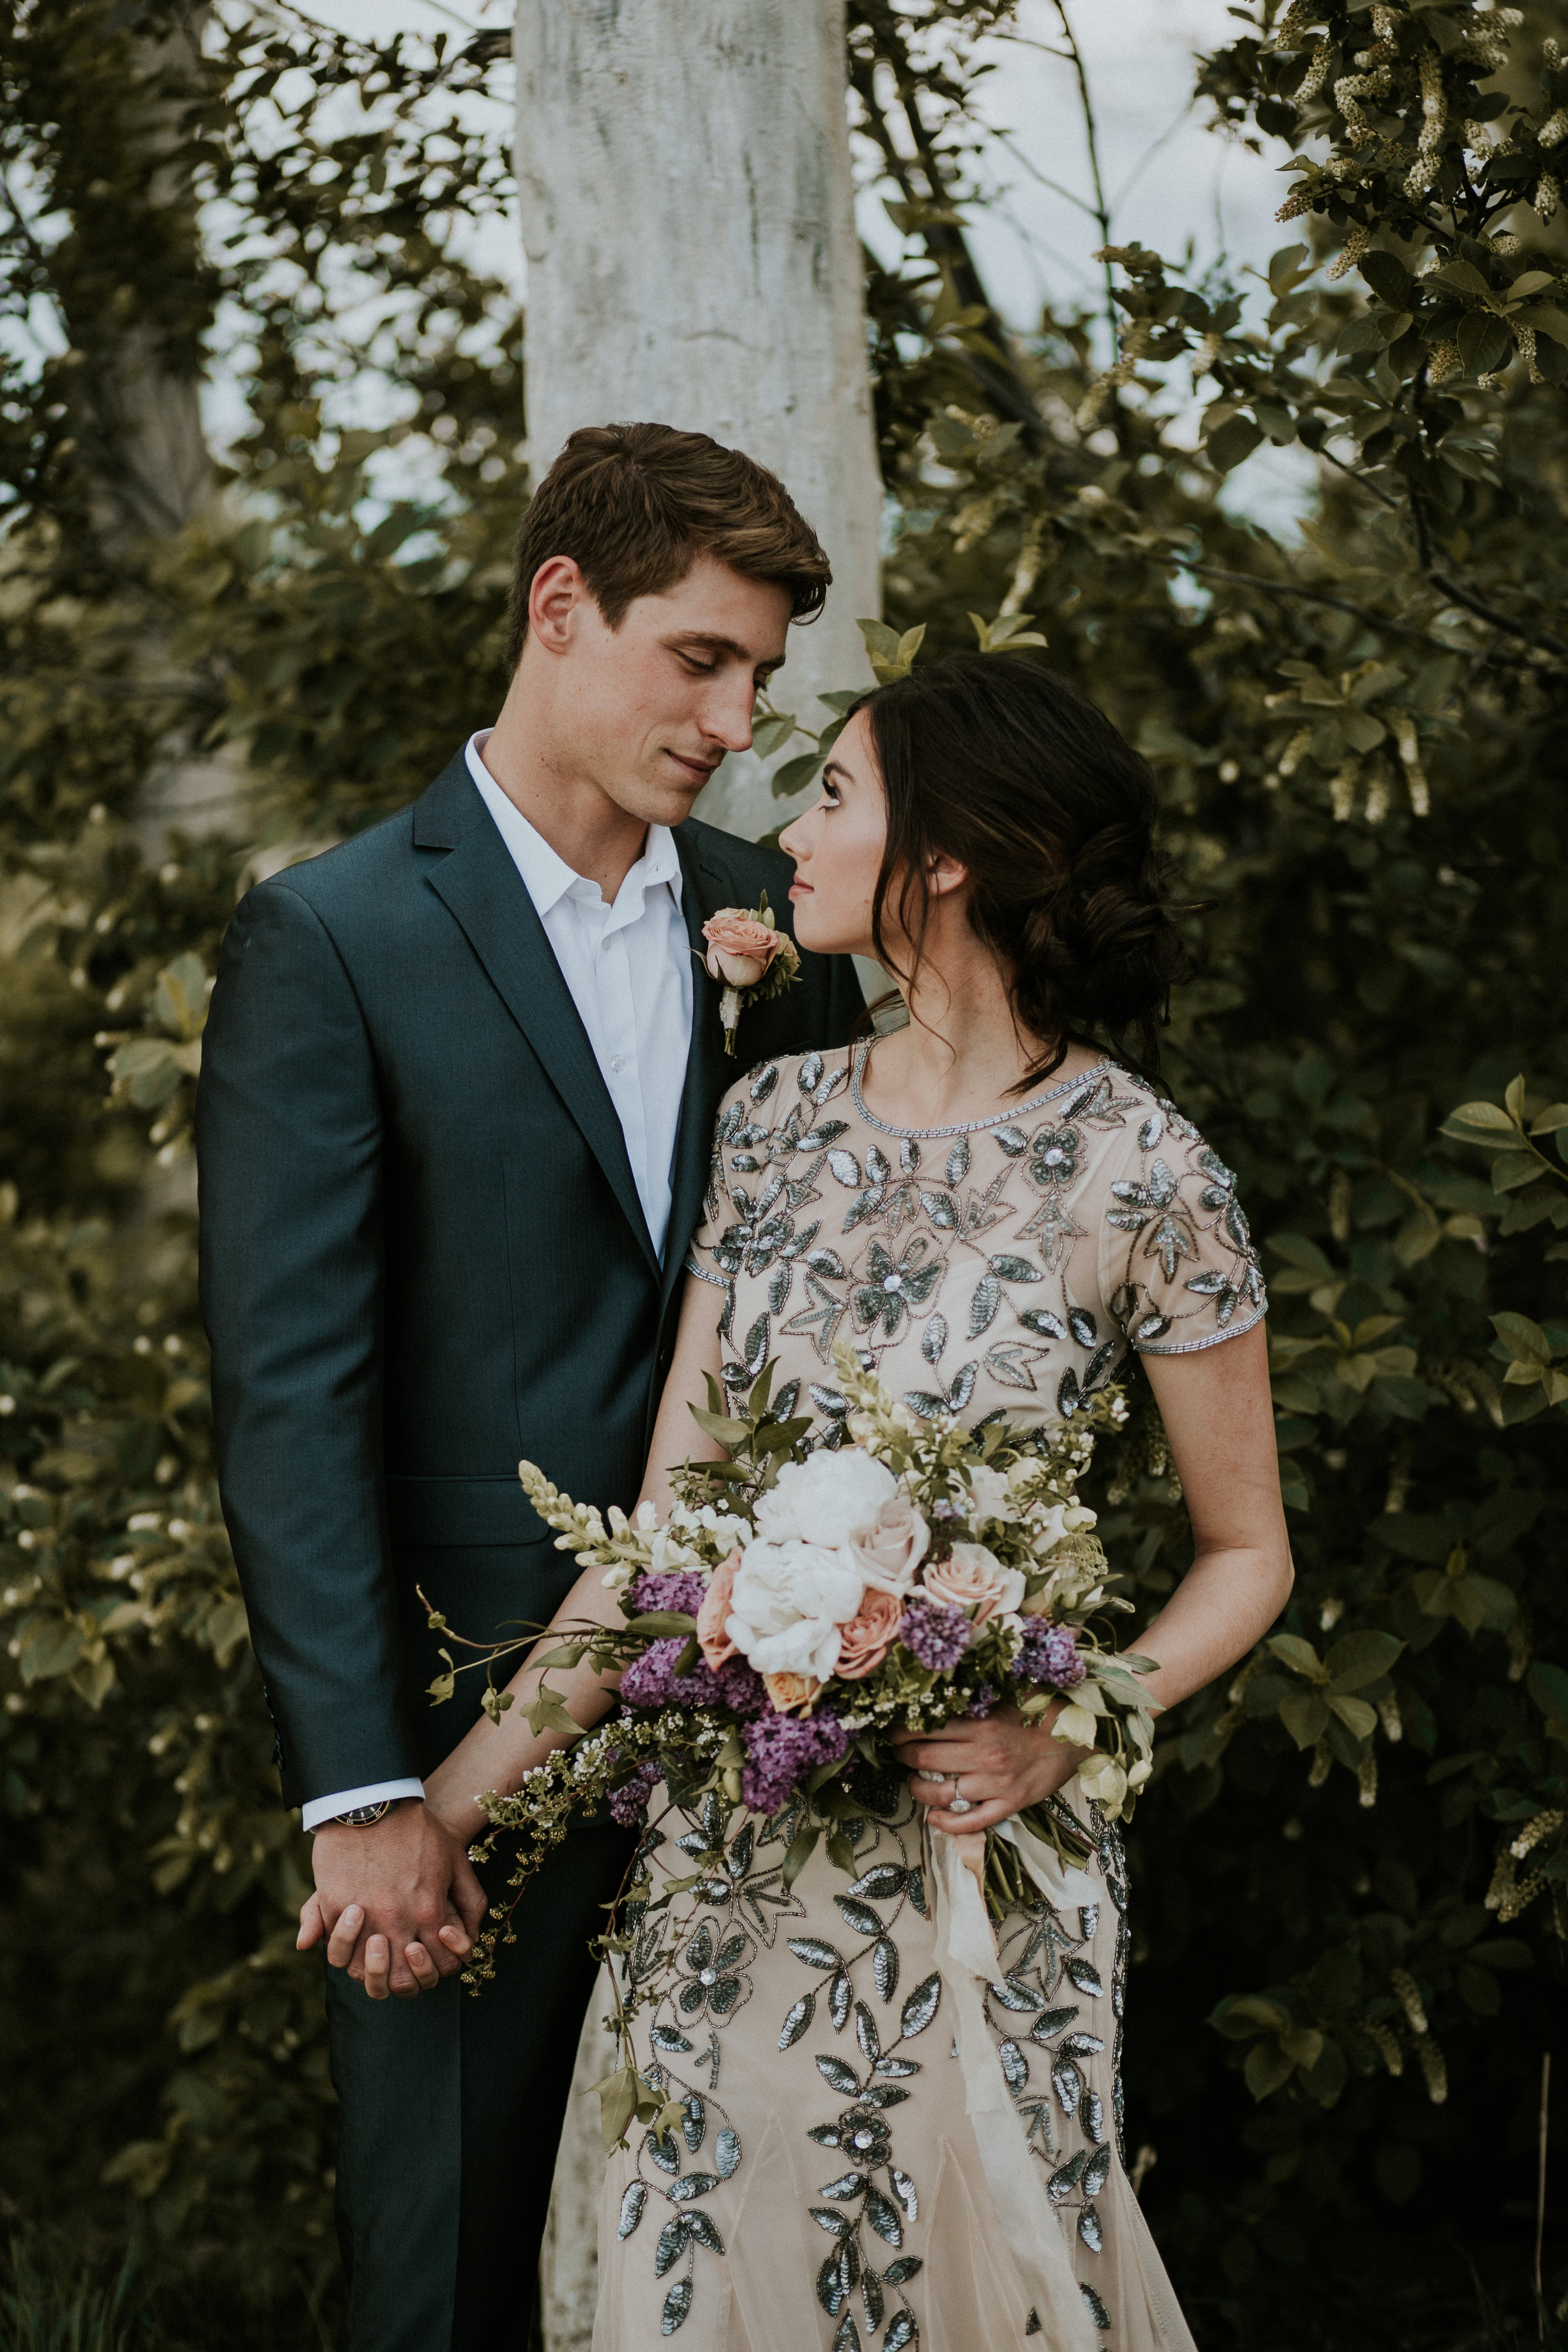 Denver-wedding-hairstylist-updo-artist-wedding-hair